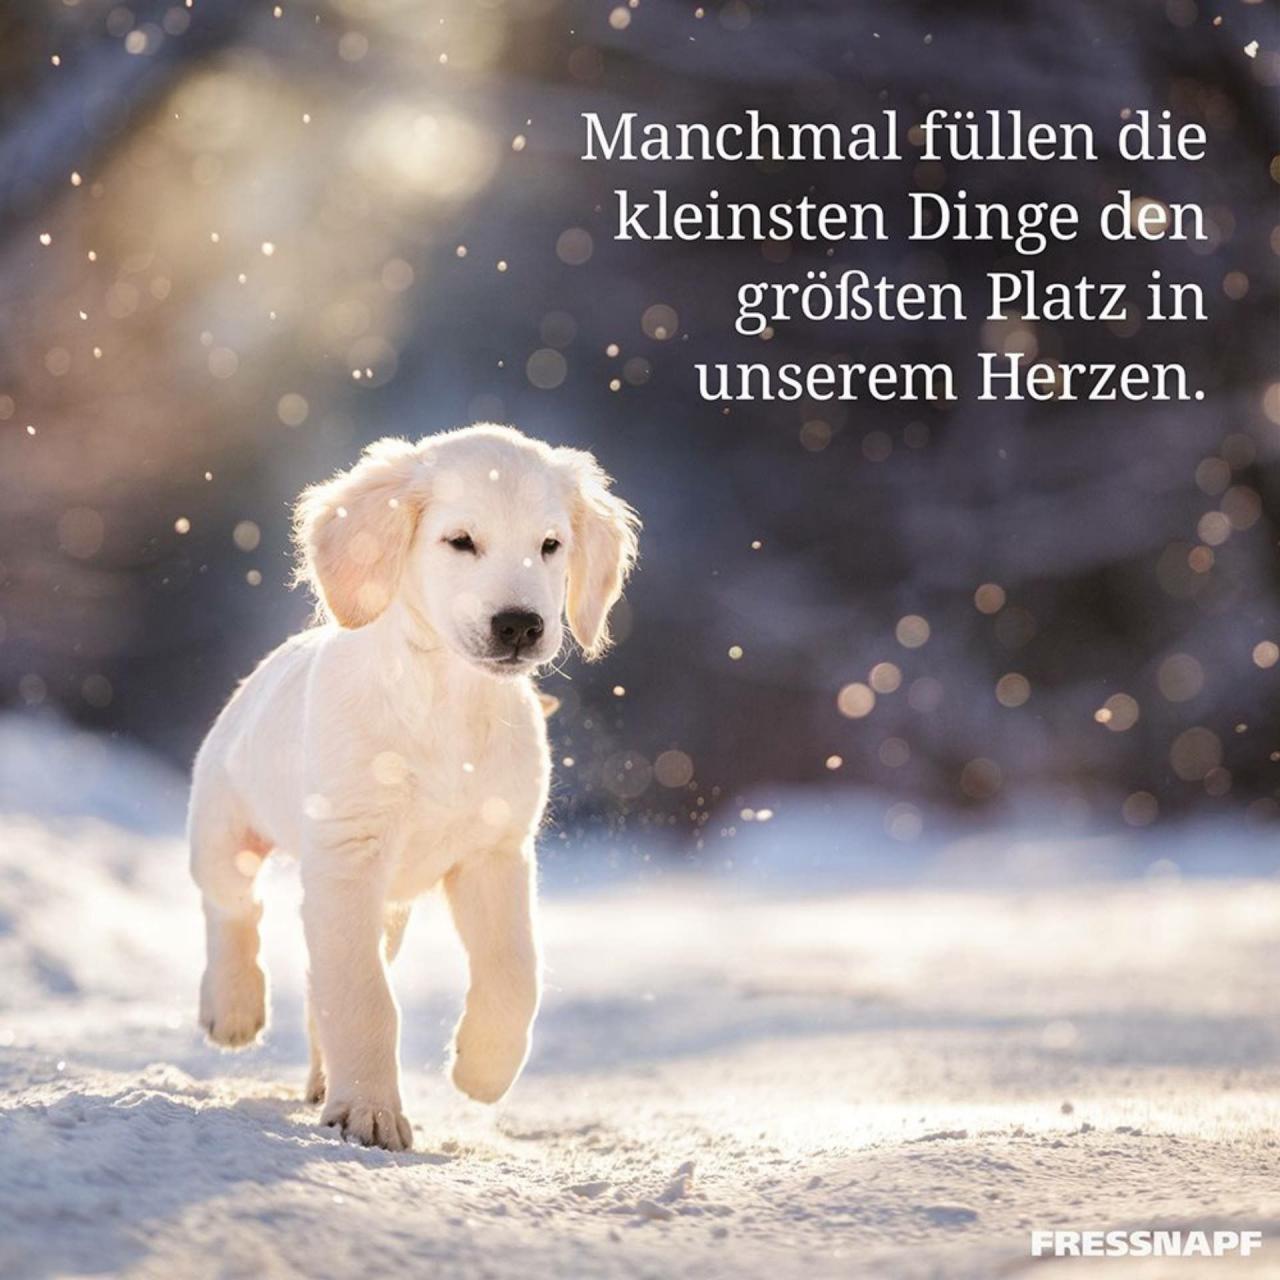 Hunde Erziehen Gluckliche Hunde Weisheiten Spruche Lebensweisheiten Hund Spruche Gluckliches Leben Wahre Geschichten Spruche Furs Herz Gute Menschen